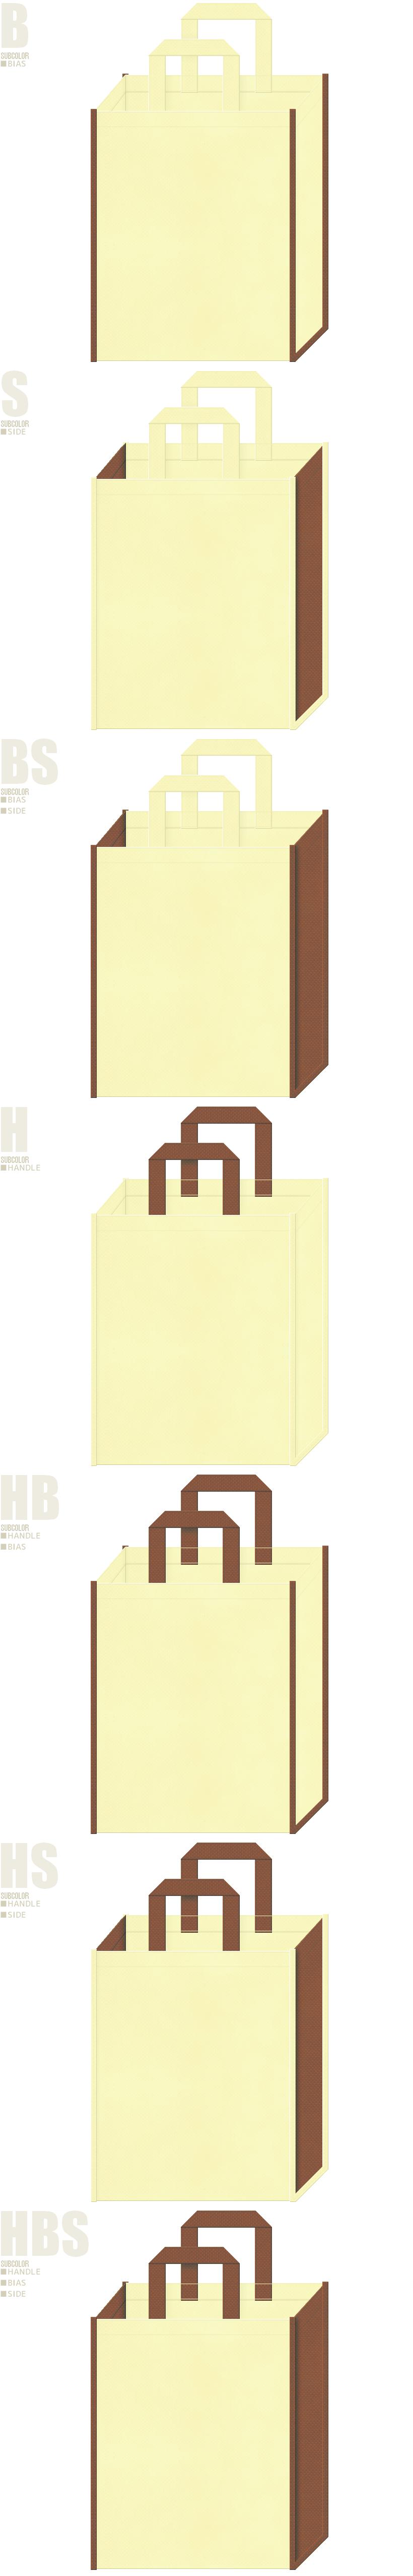 絵本・おとぎ話・どらやき・饅頭・和菓子・チョコクレープ・プリン・ロールケーキ・クリームパン・カフェ・スイーツ・ベーカリー・和菓子にお奨めの不織布バッグデザイン:薄黄色と茶色の配色7パターン。